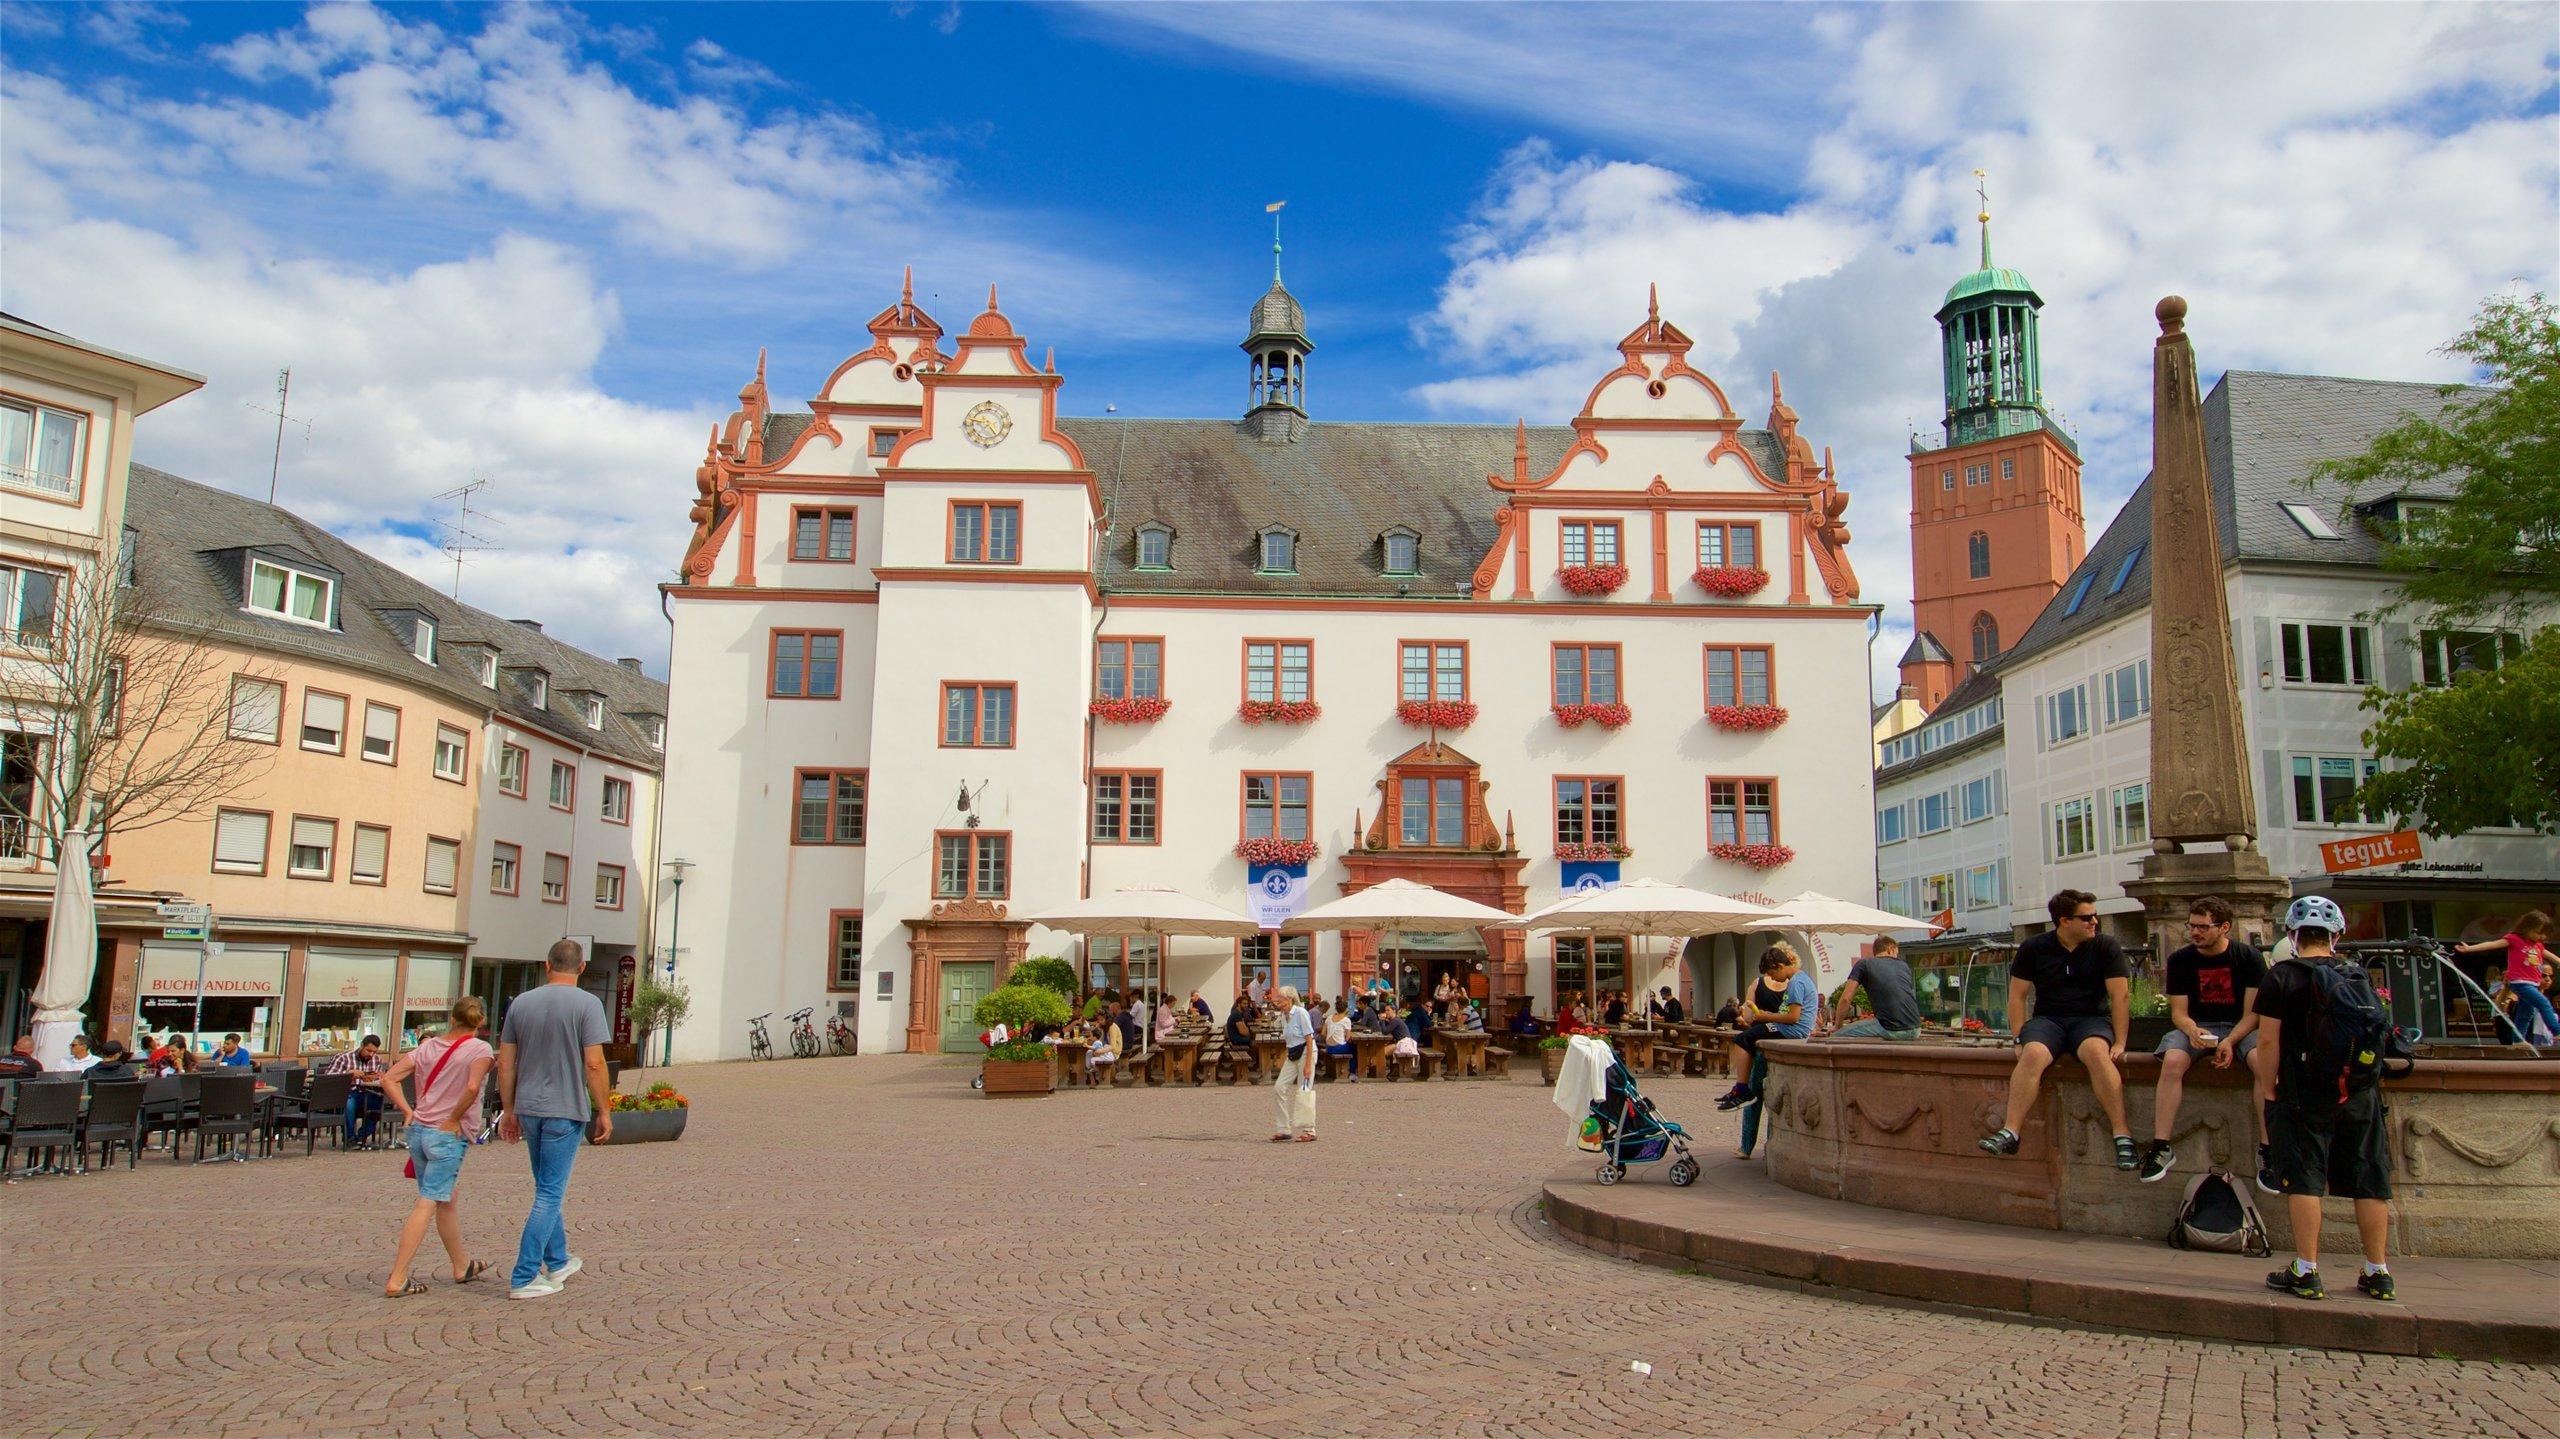 Darmstadt, Hessen, Germany